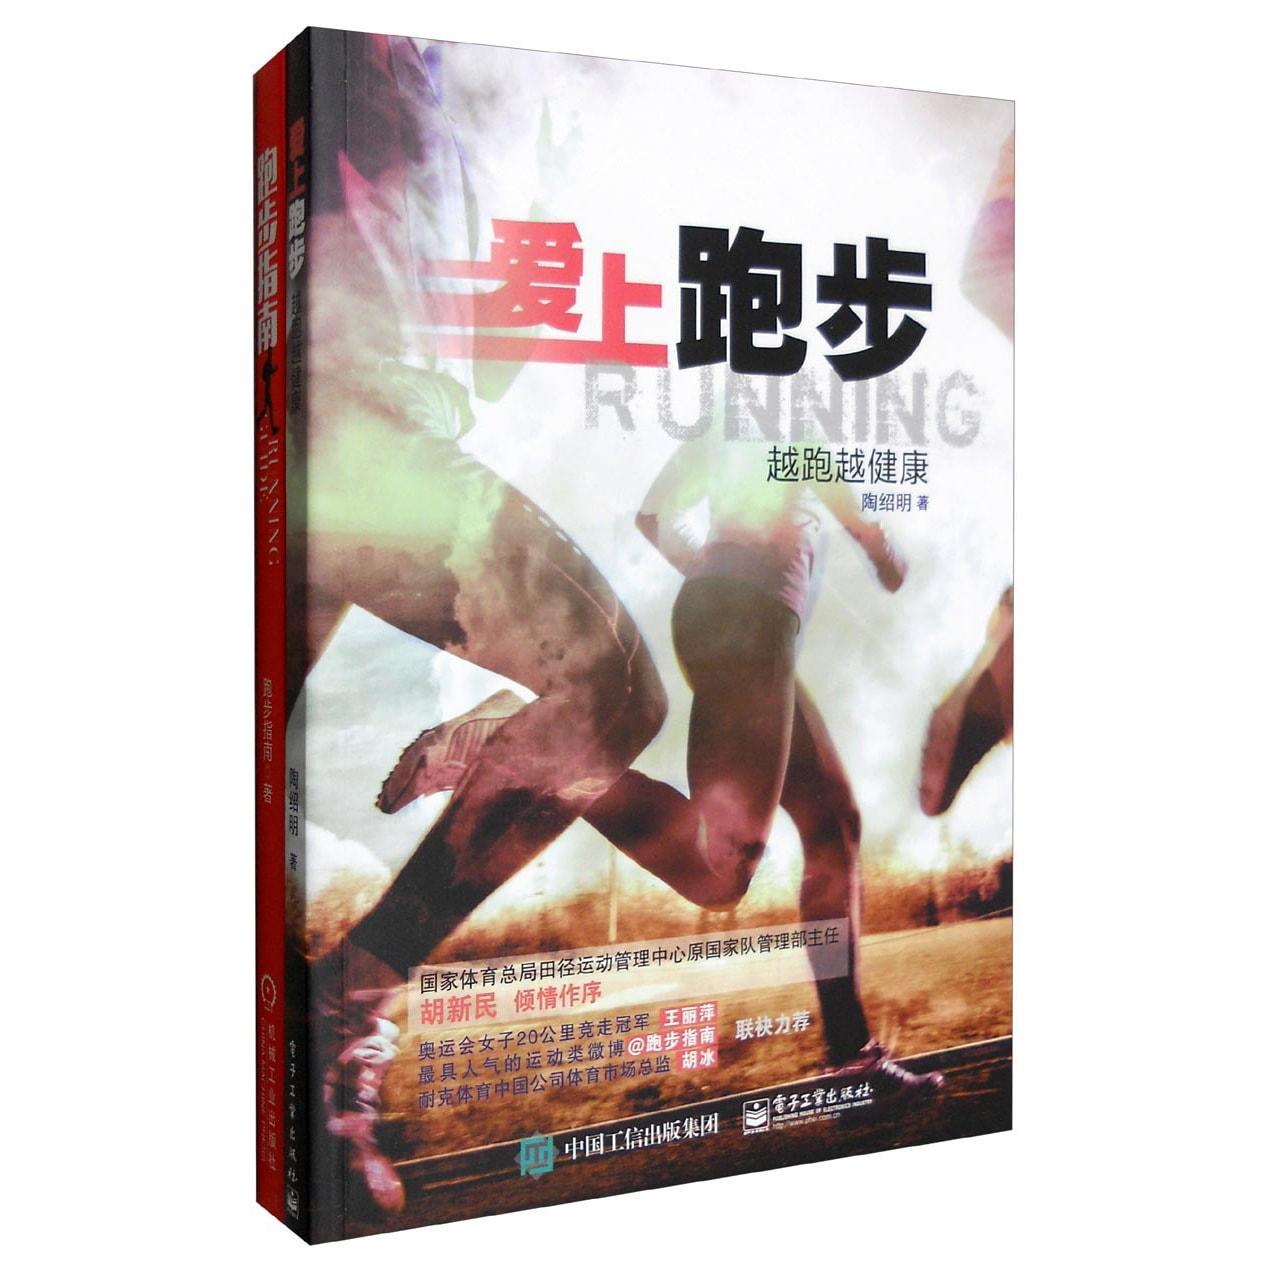 跑步指南+爱上跑步:越跑越健康(套装共2册) 怎么样 - 亚米网